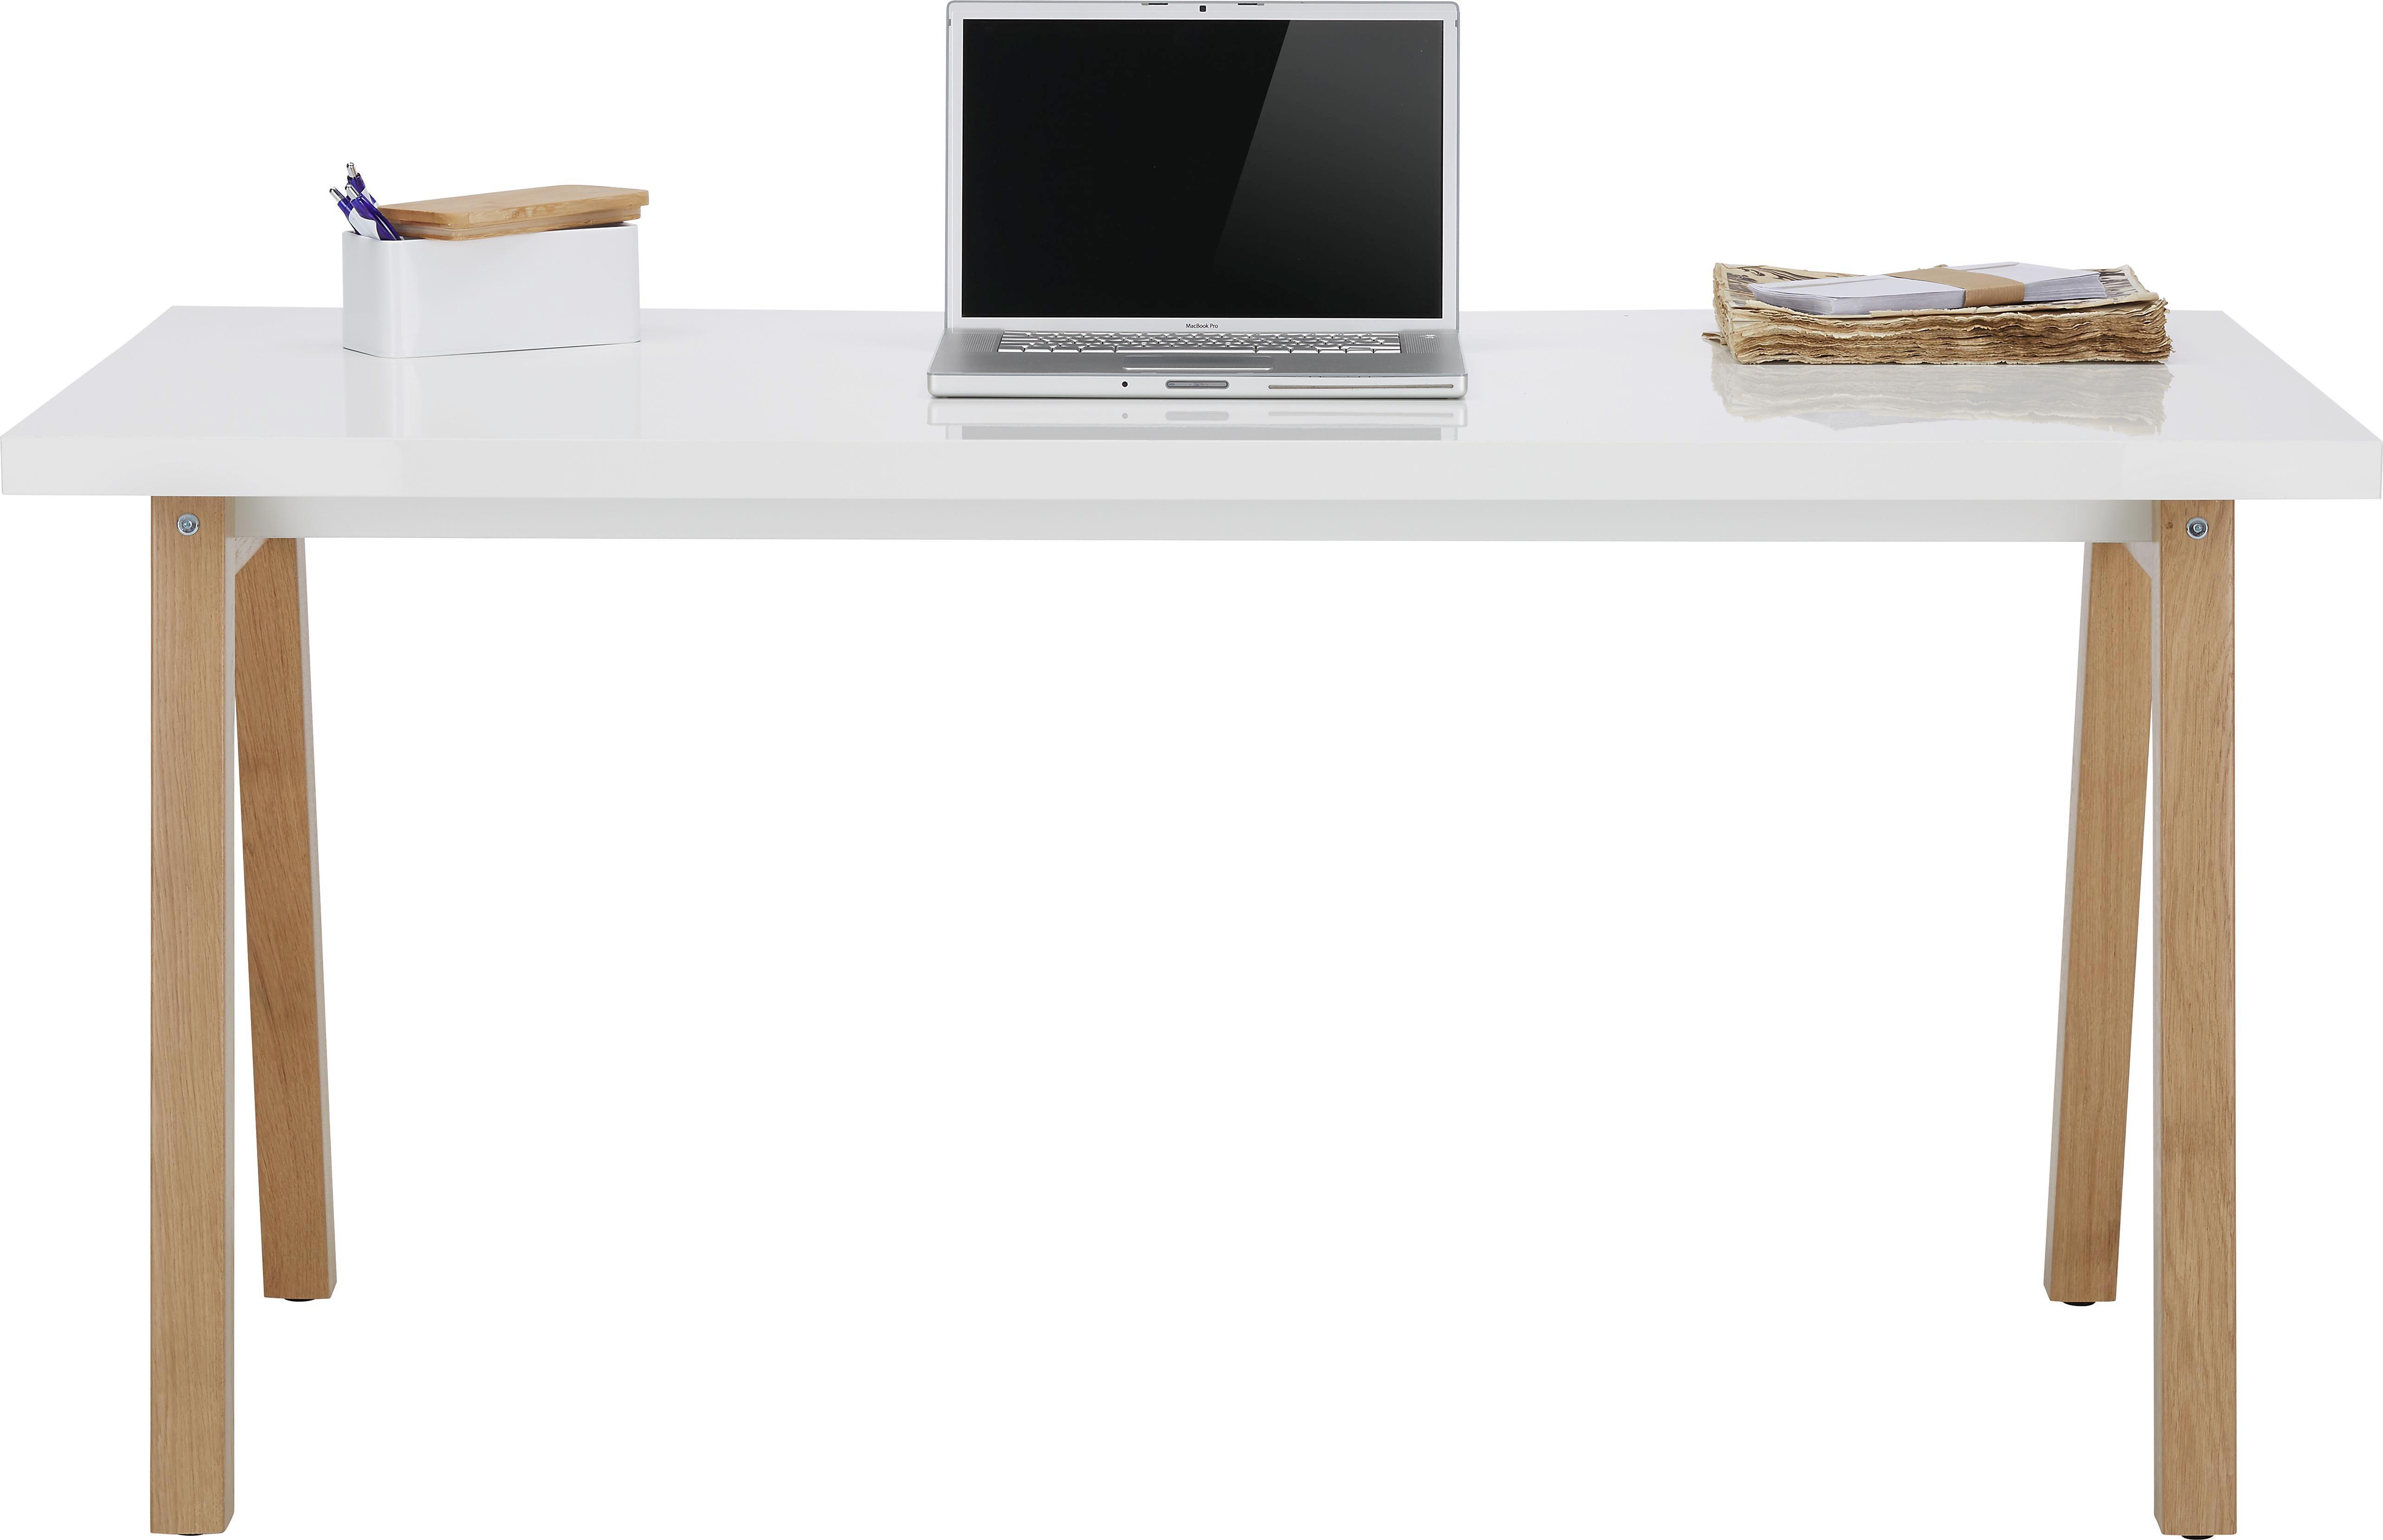 schreibtisch weis modern. Black Bedroom Furniture Sets. Home Design Ideas